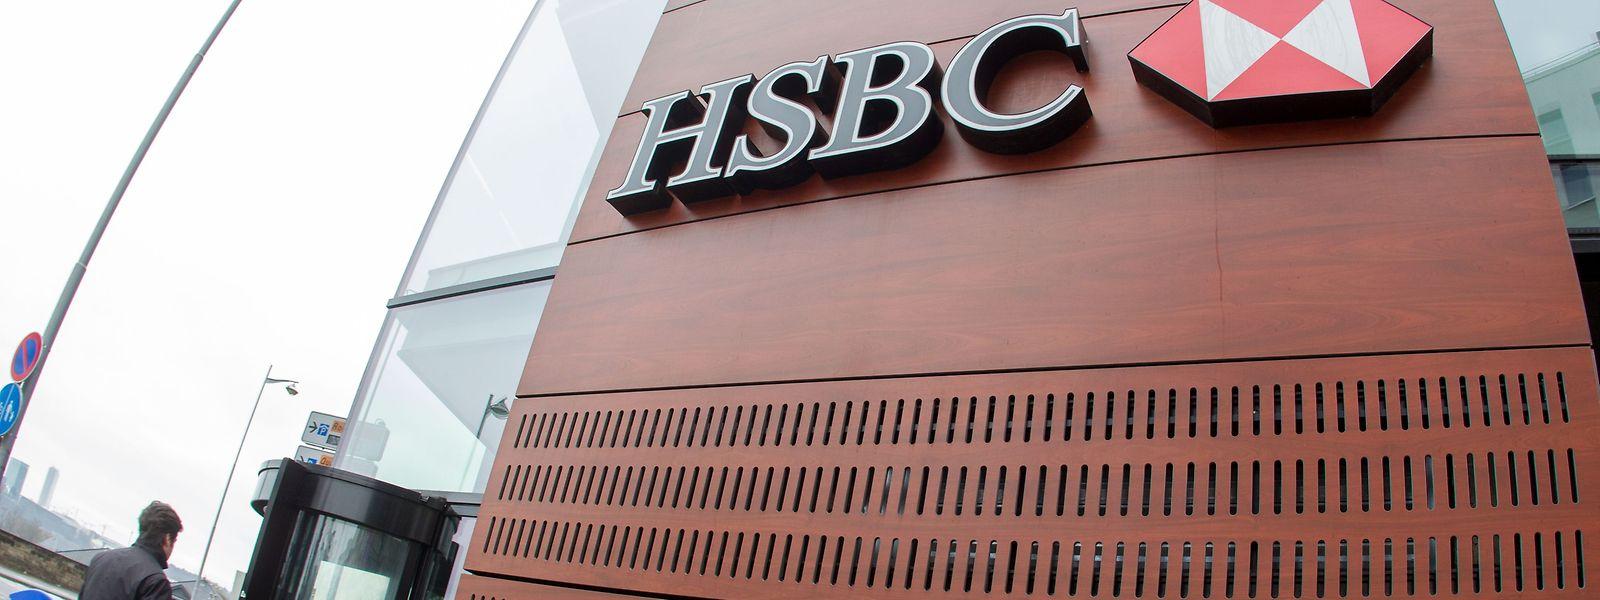 Edward Knox folgt als neuer Chief Operating Officer für das Großherzogtum auf Artyom Grigoryan, der künftig nicht mehr für die britische Großbank HSBC tätig sein wird.